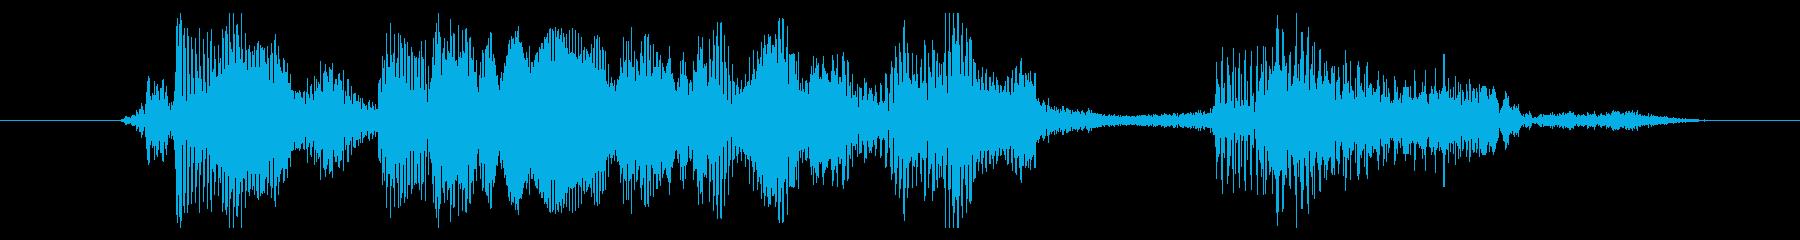 広告用ナレ_続きはWebで(英語)3の再生済みの波形